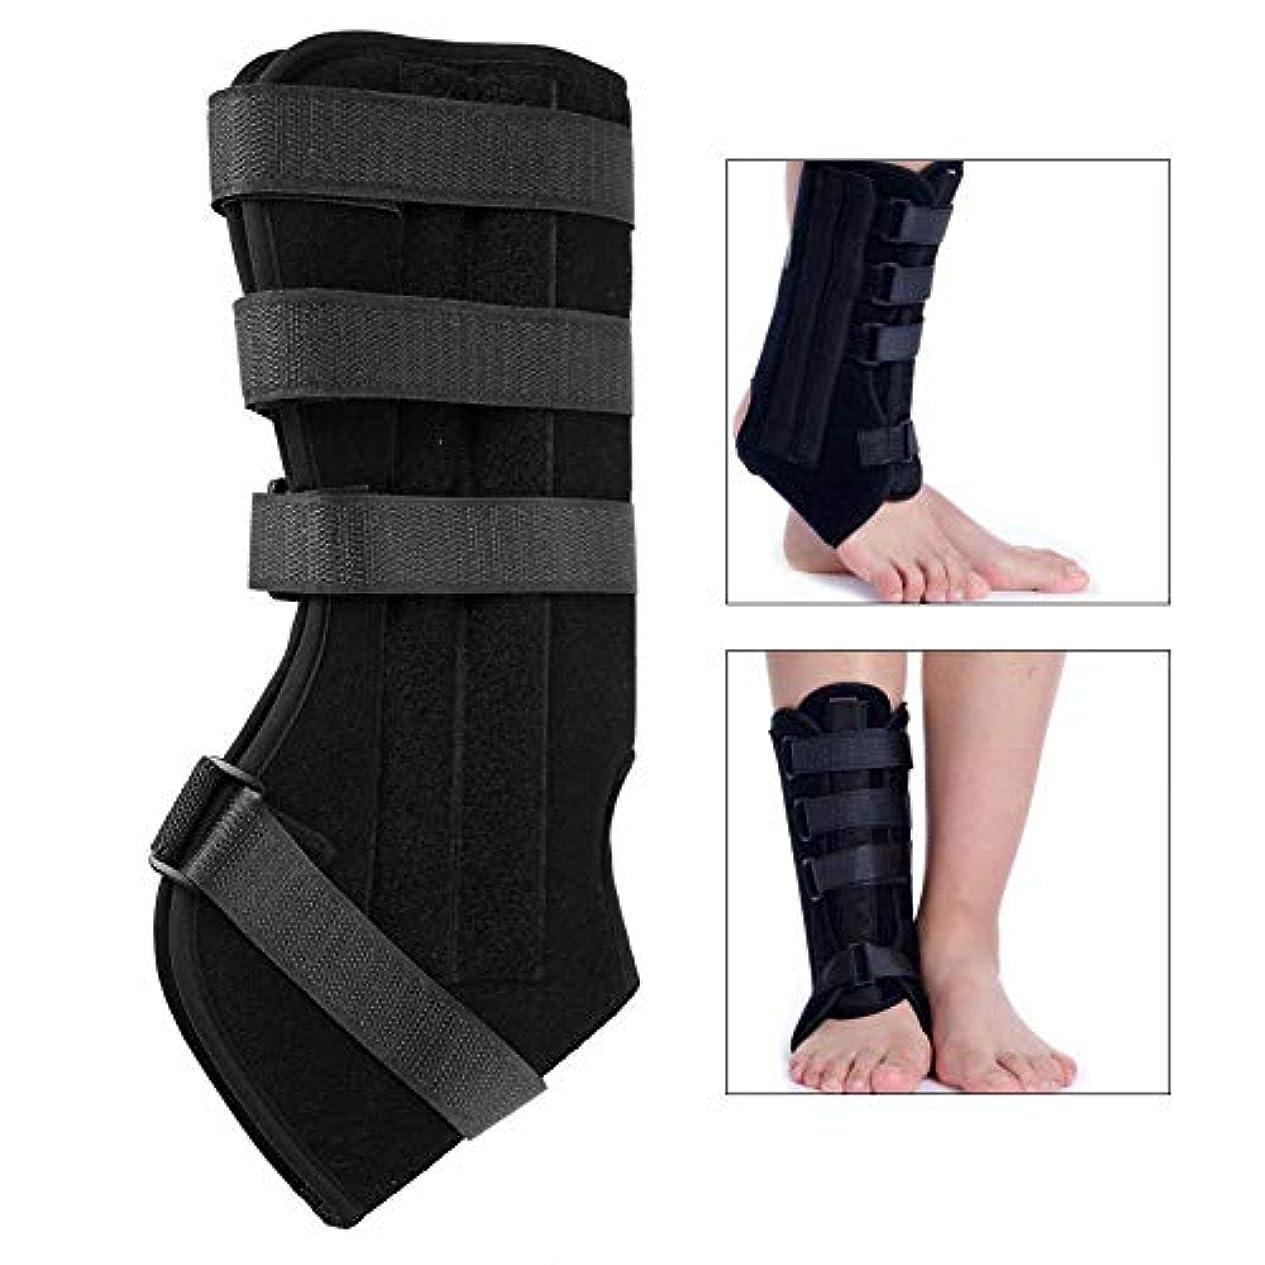 市の花マインドフル女の子足首装具、足首関節外部固定骨折治療修正サポートツールブレースサポート腱矯正手術後,M